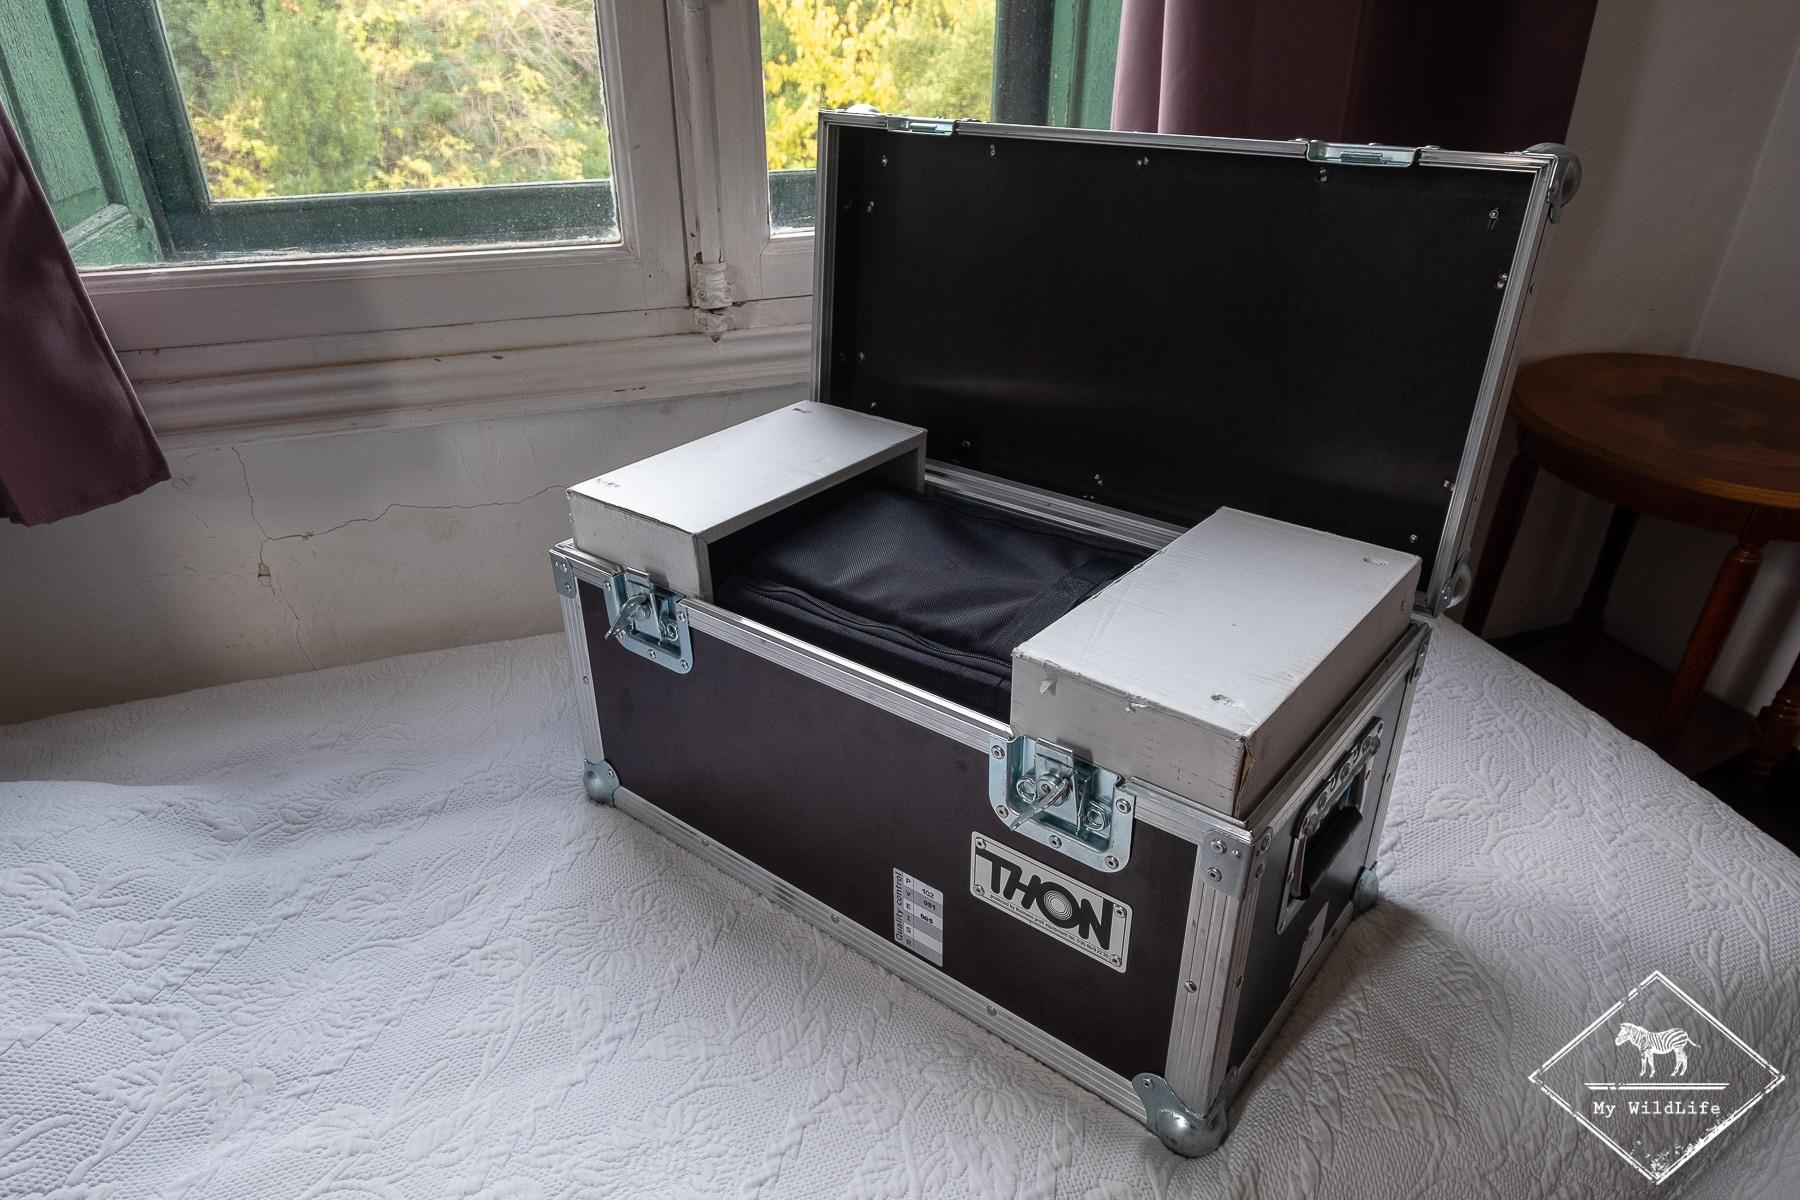 Caisson du Sigma 500 mm F4 loué chez Pixloc